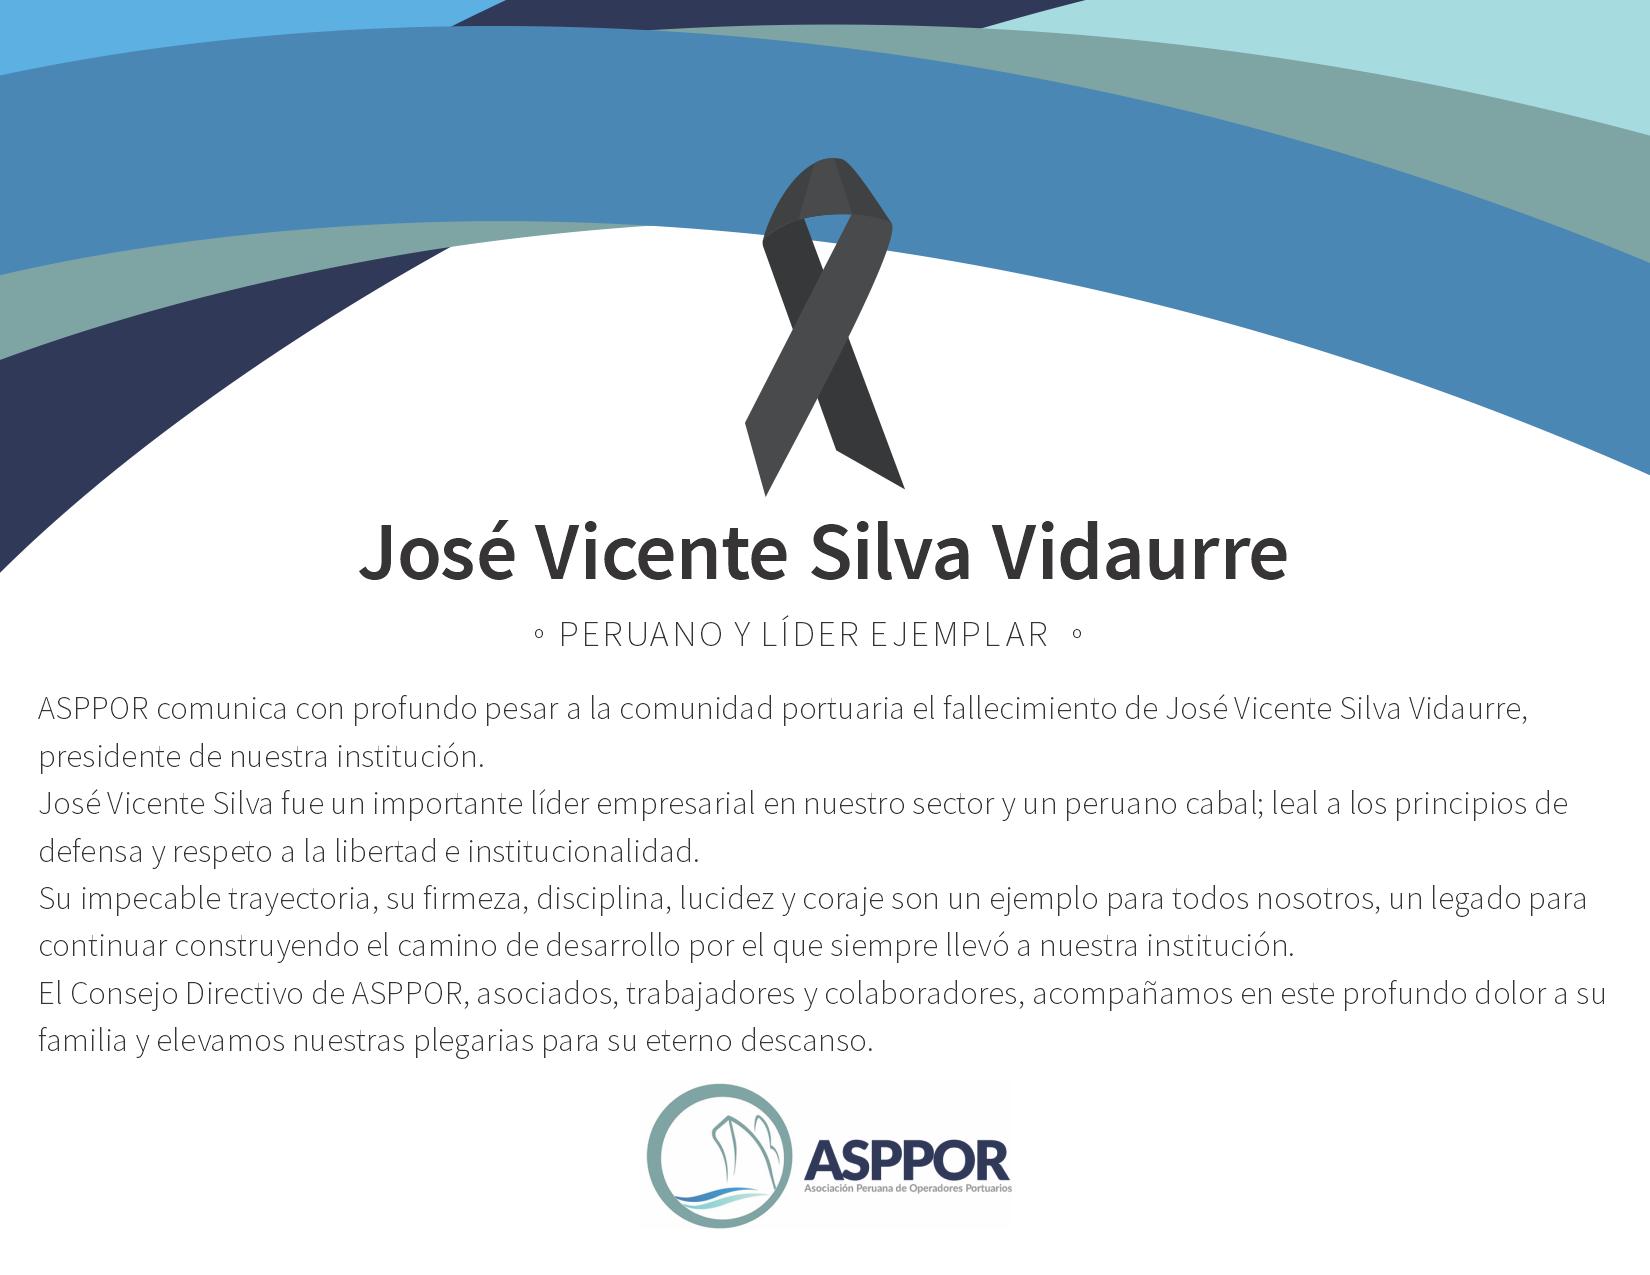 ASPPOR LAMENTA LA PÉRDIDA DE SU PRESIDENTE, SEÑOR JOSÉ VICENTE SILVA VIDAURRE, PERUANO Y LÍDER EJEMPLAR